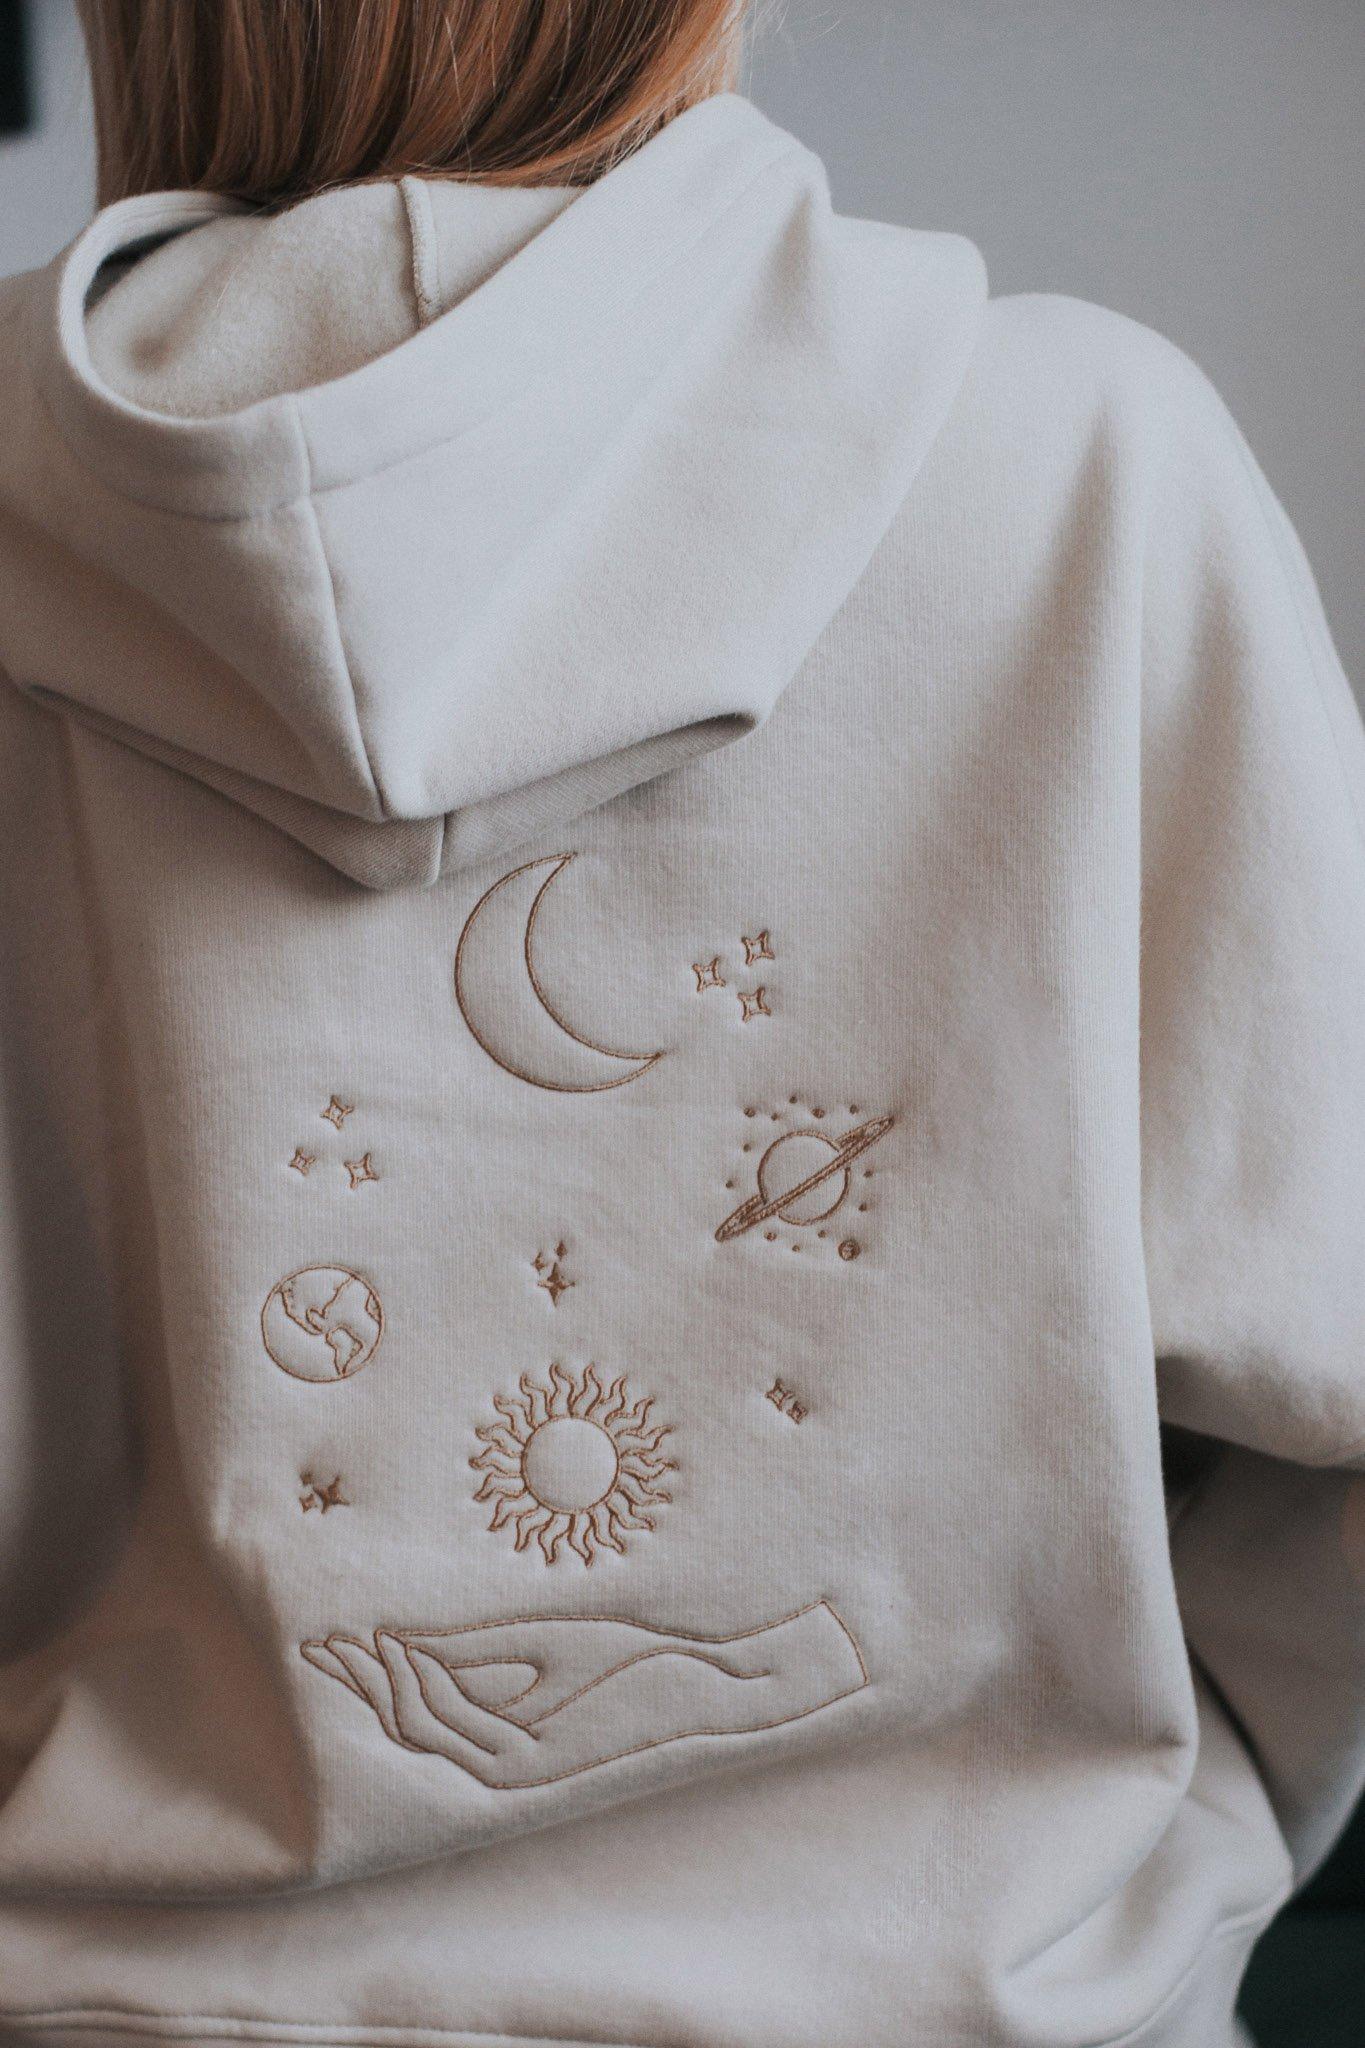 Wyjątkowe dresy z kosmicznym haftem – poznaj markę Gutju!